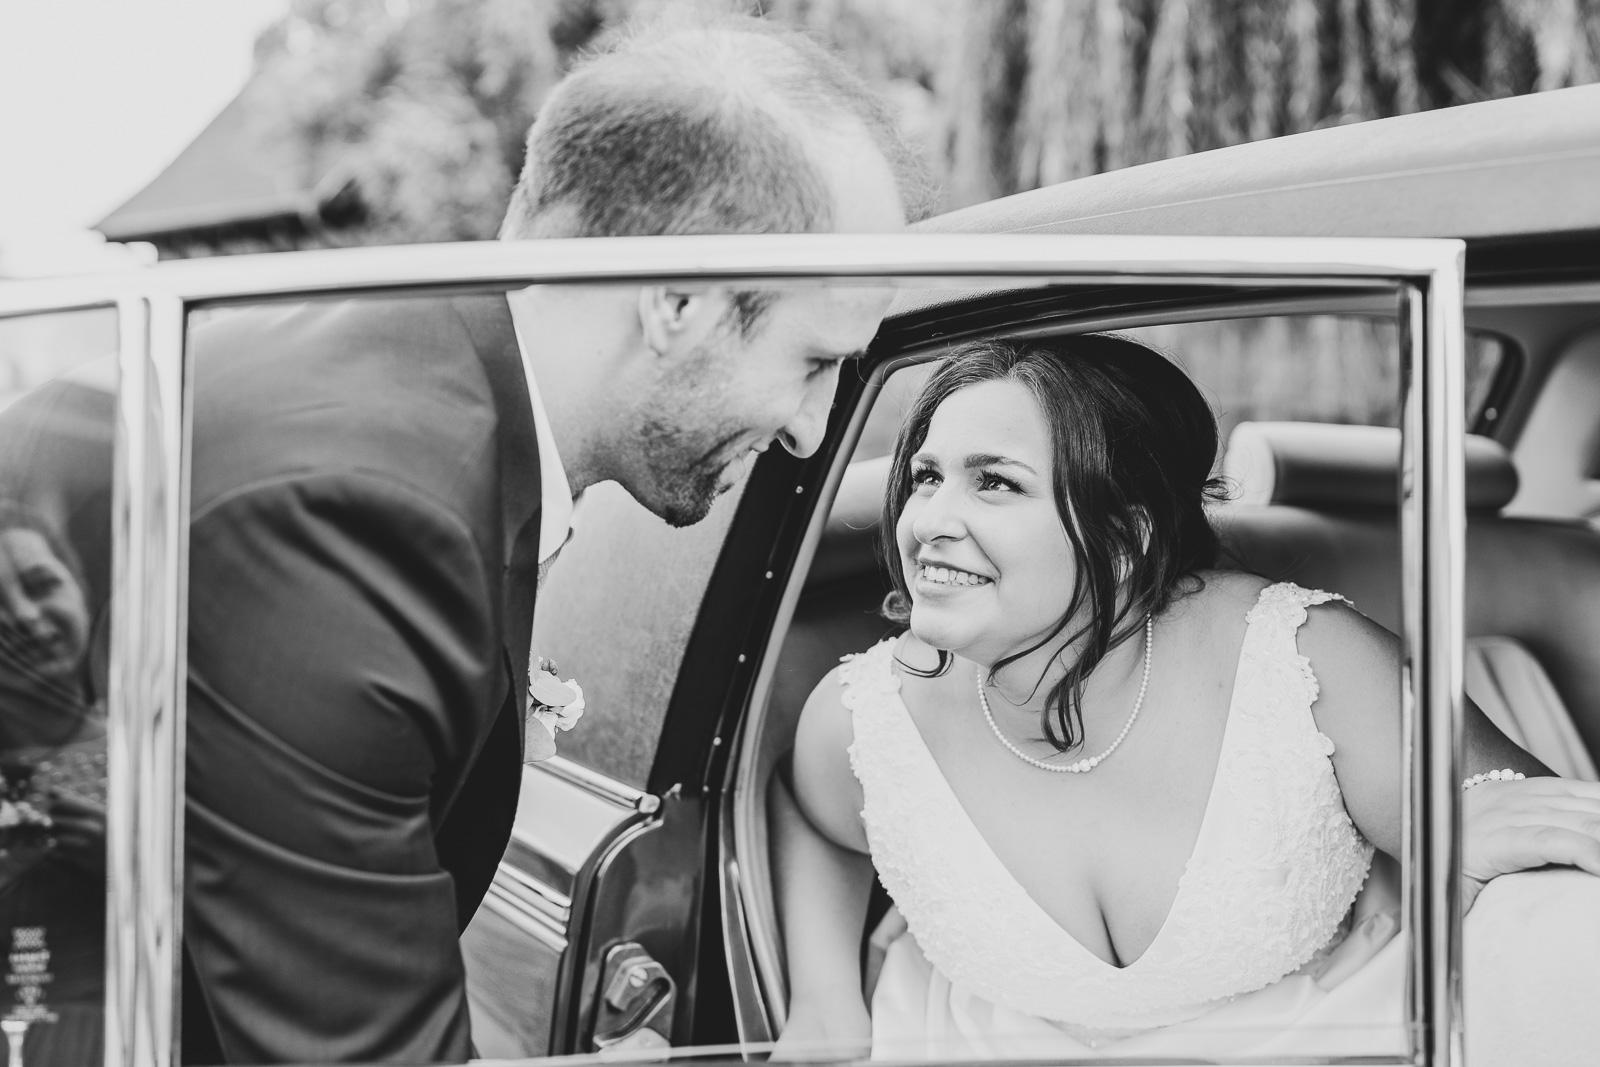 Hochzeitsfotografie - Mann hilft Braut aus dem Auto - sie himmelt ihn an